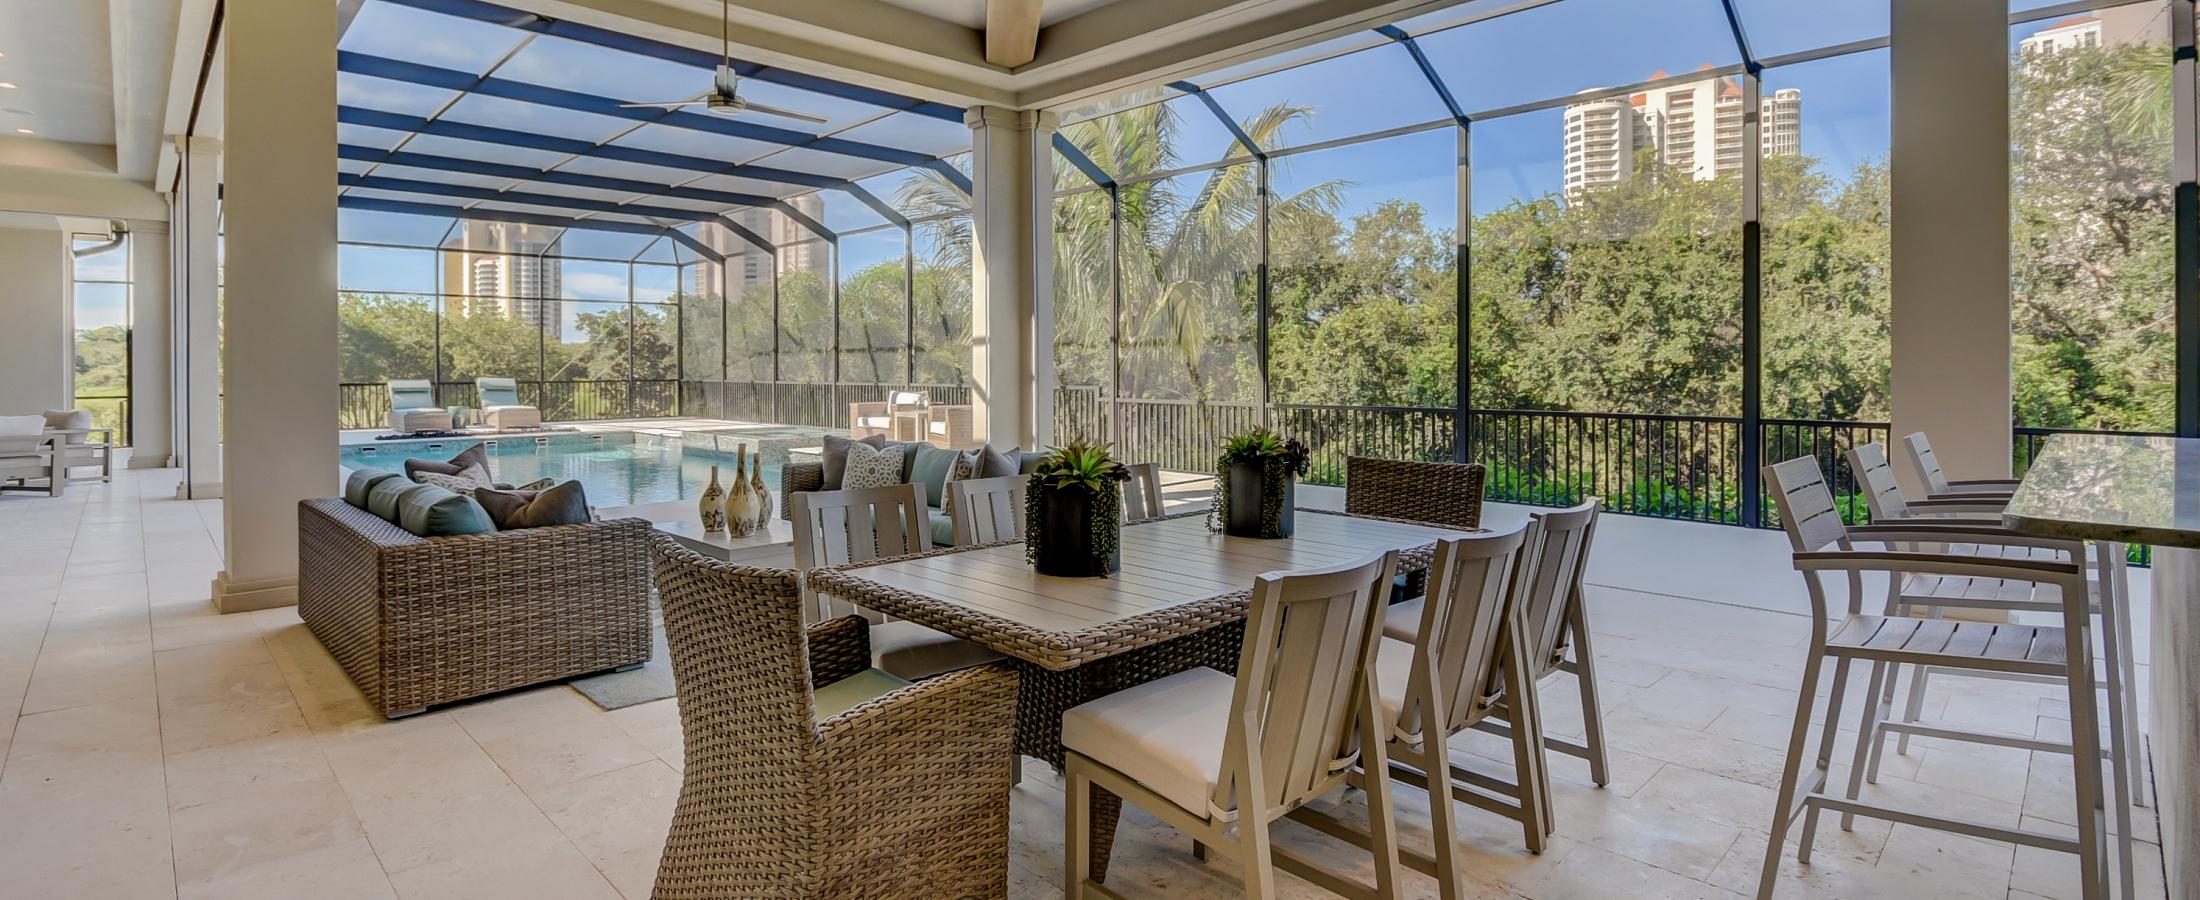 Buying Bonita Real Estate With Scott Amp Angela